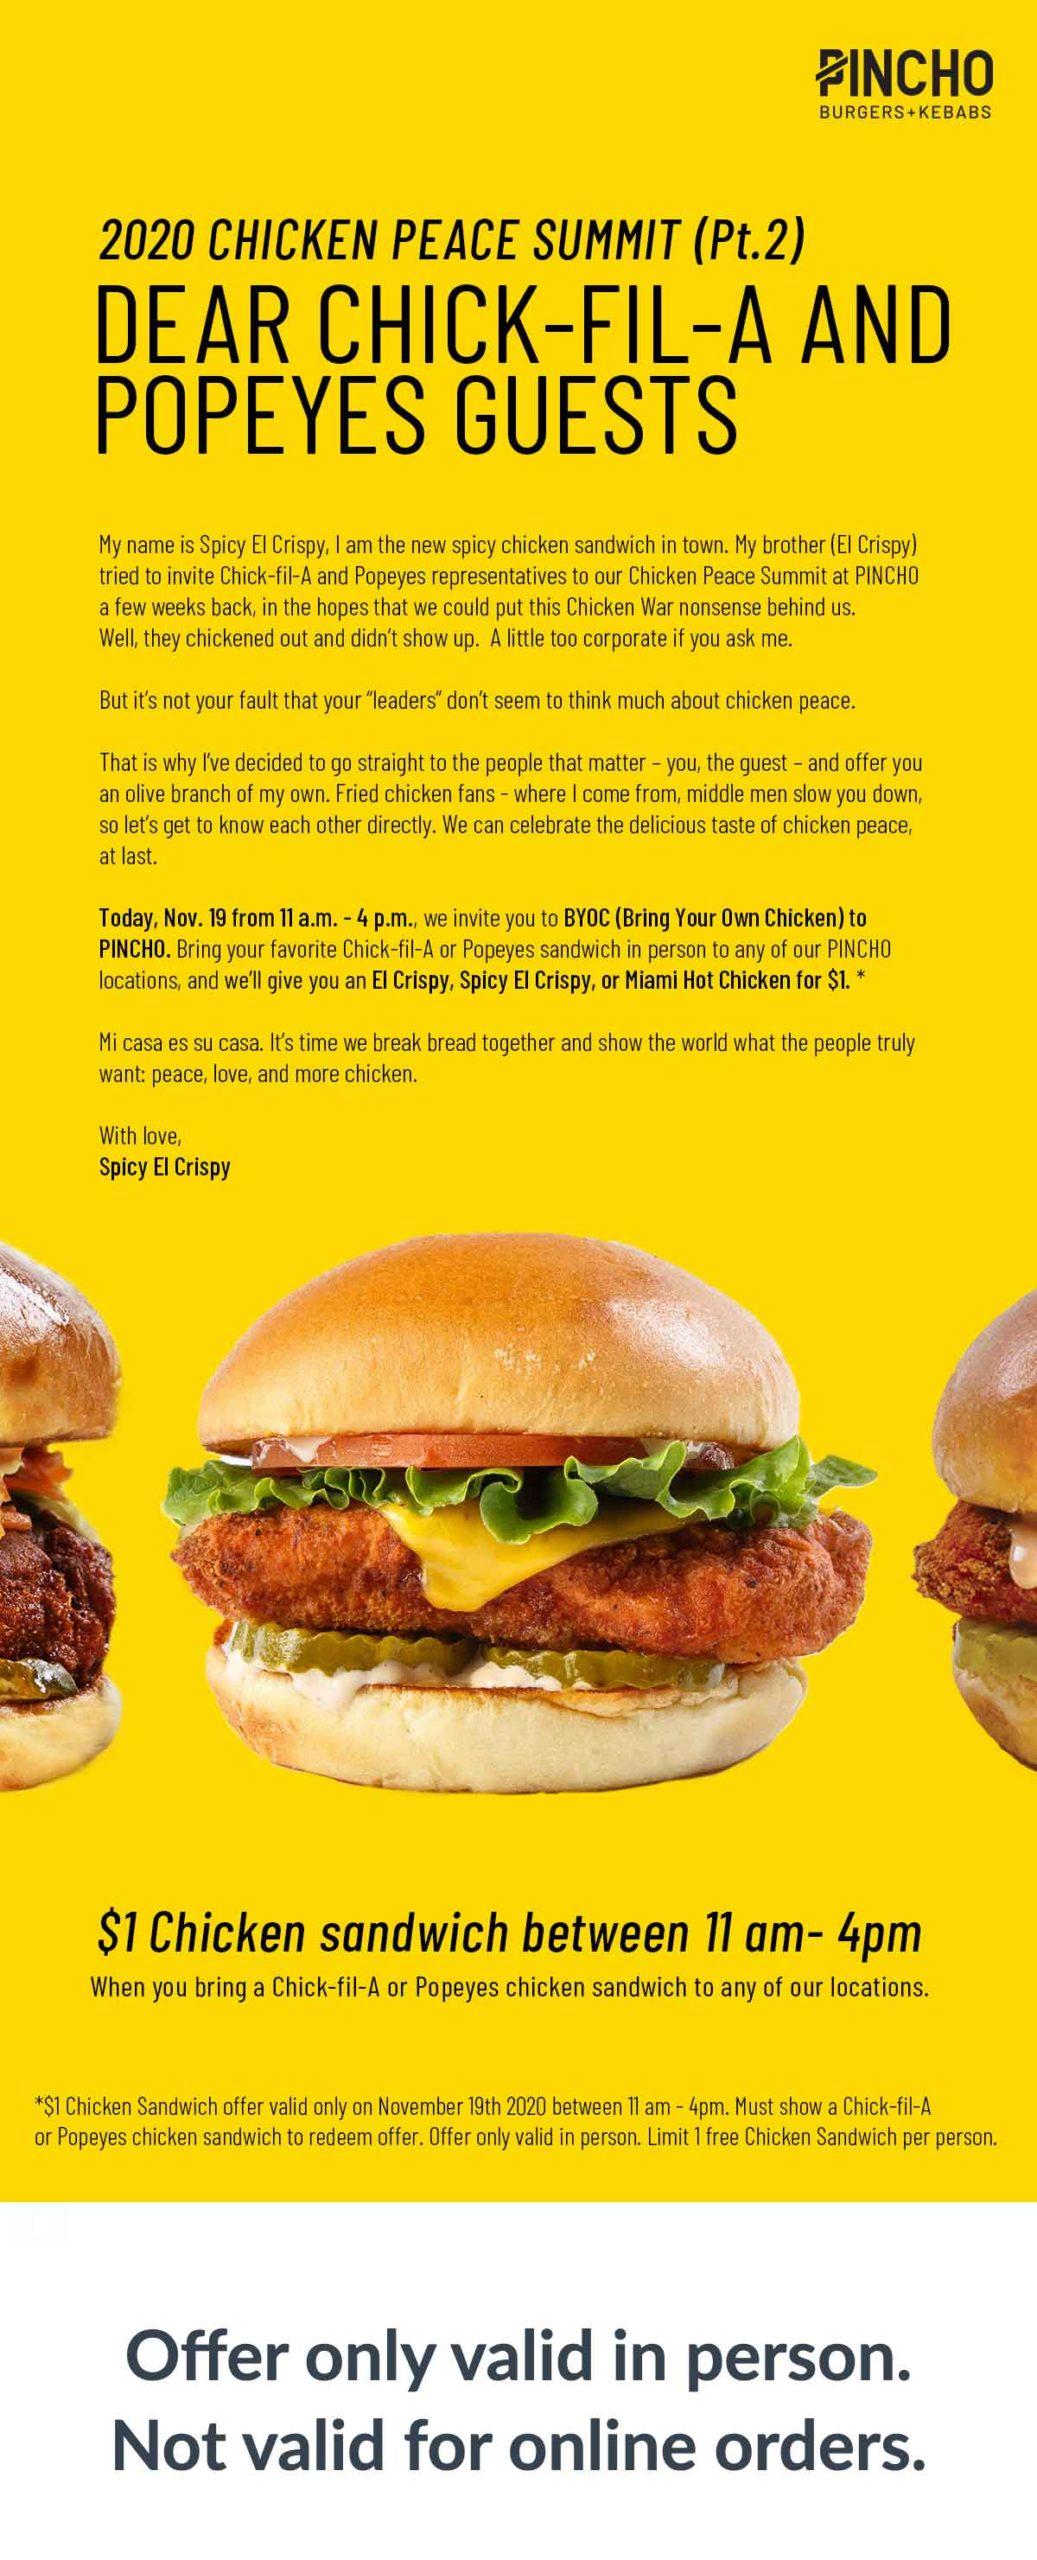 PINCHO Chicken Wars Email #2